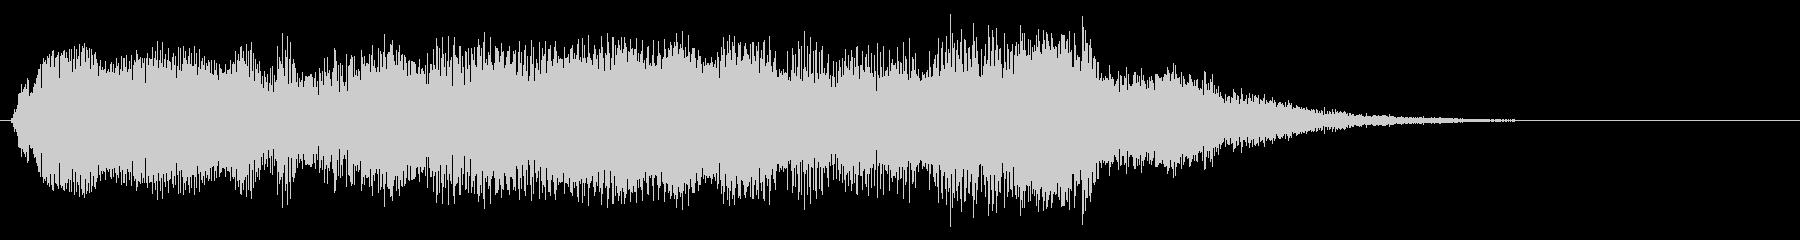 スムーズなシンセアクセント2の未再生の波形